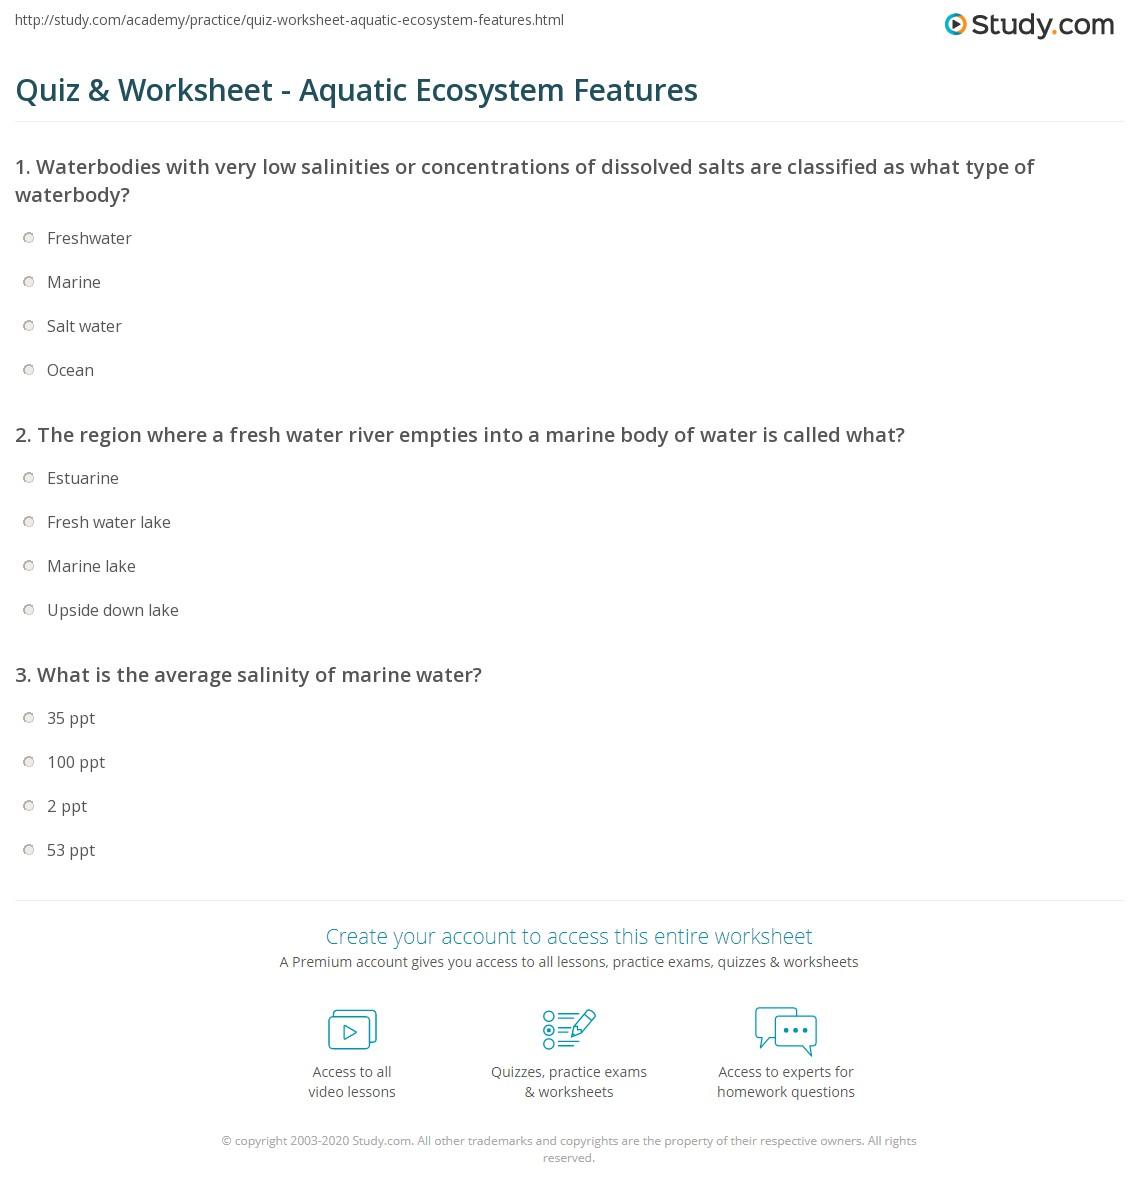 Aquatic Ecosystem Worksheet: Quiz & Worksheet   Aquatic Ecosystem Features   Study com,